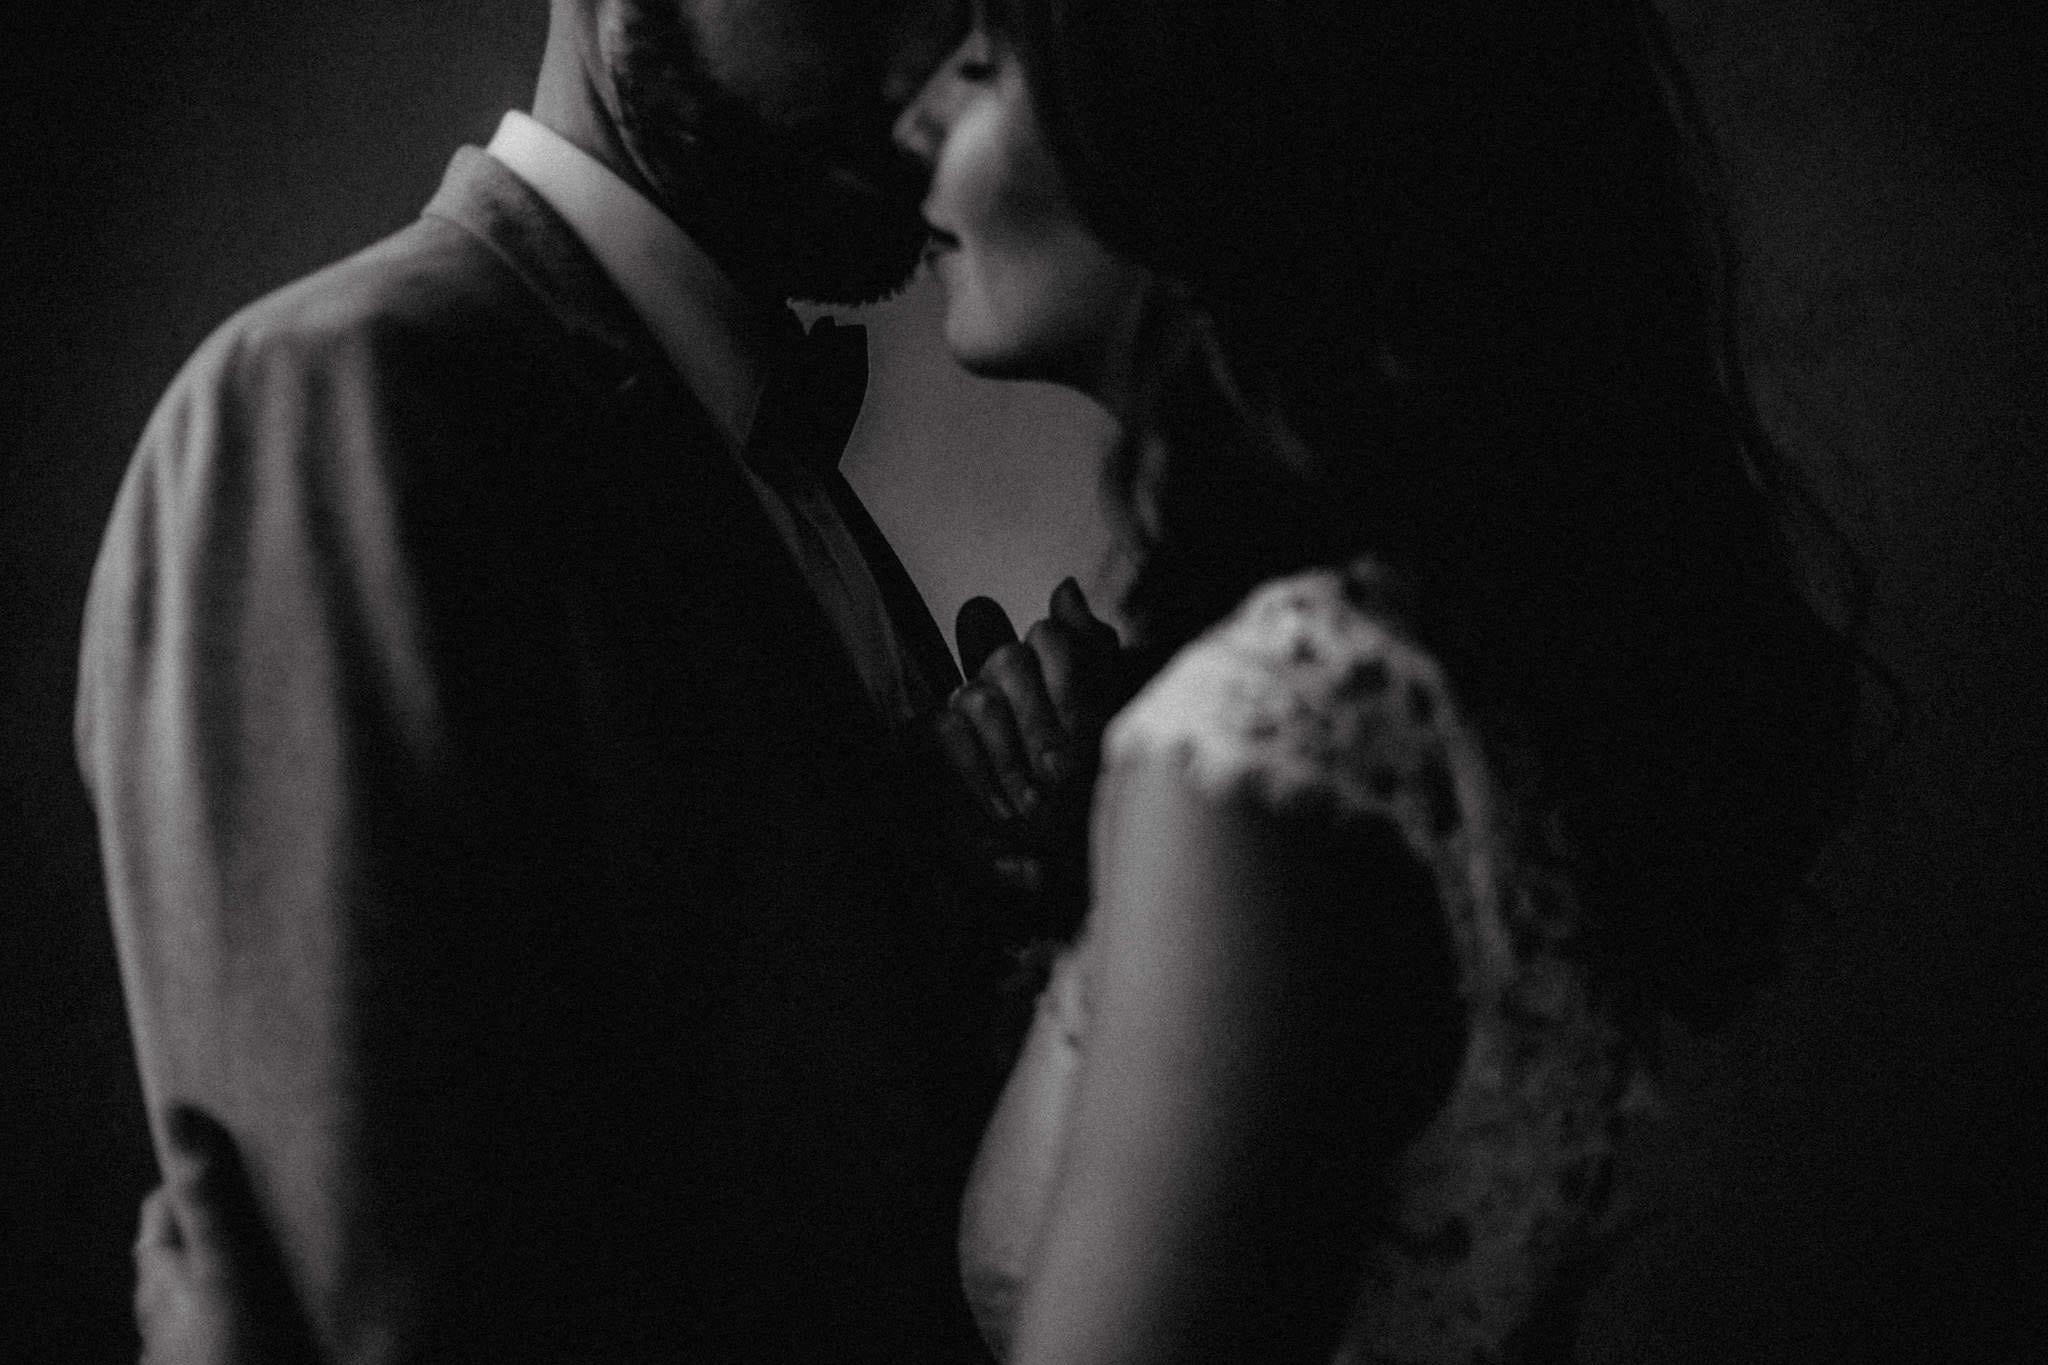 Hochzeit_in_Fabrik23_nhow_7559